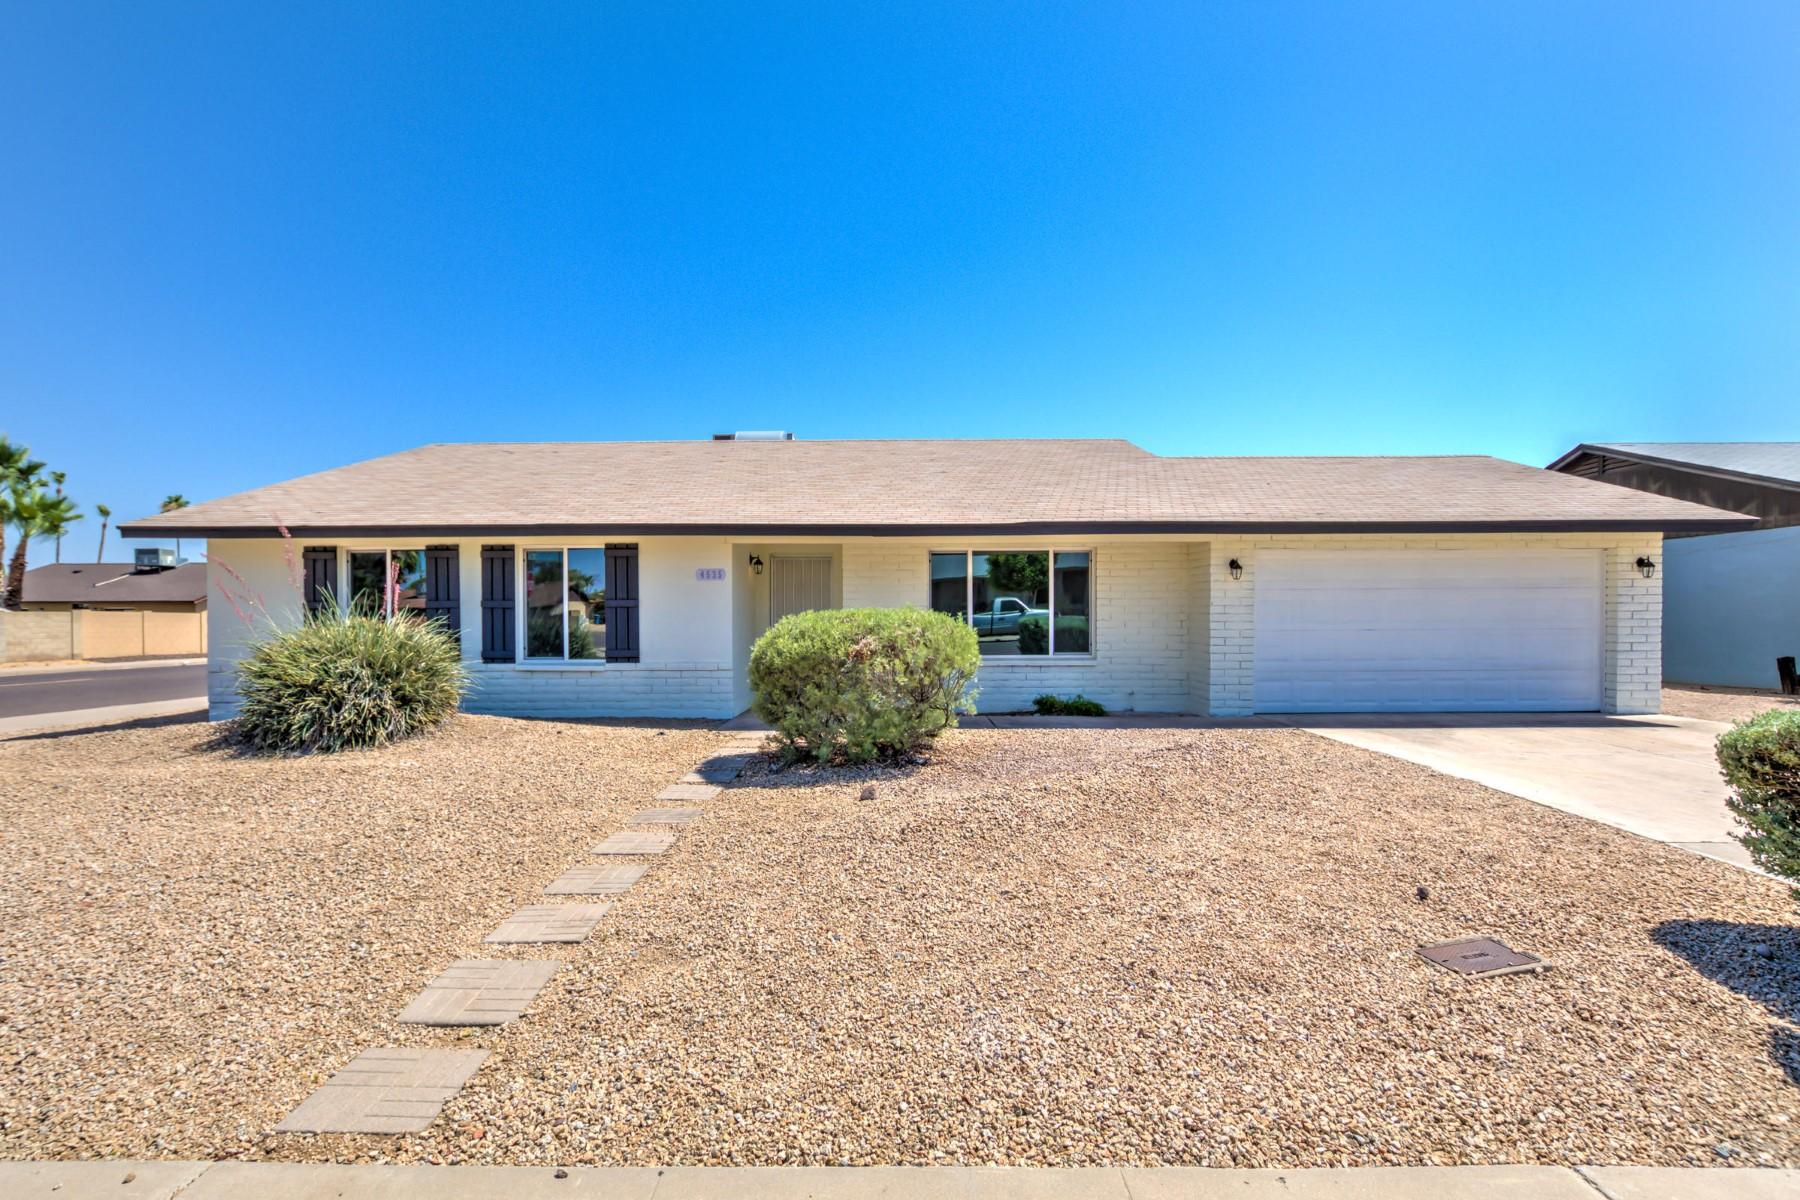 Maison unifamiliale pour l Vente à Fantastic remodel in the best location in Phoenix 4535 E Joan De Arc Ave Phoenix, Arizona, 85032 États-Unis